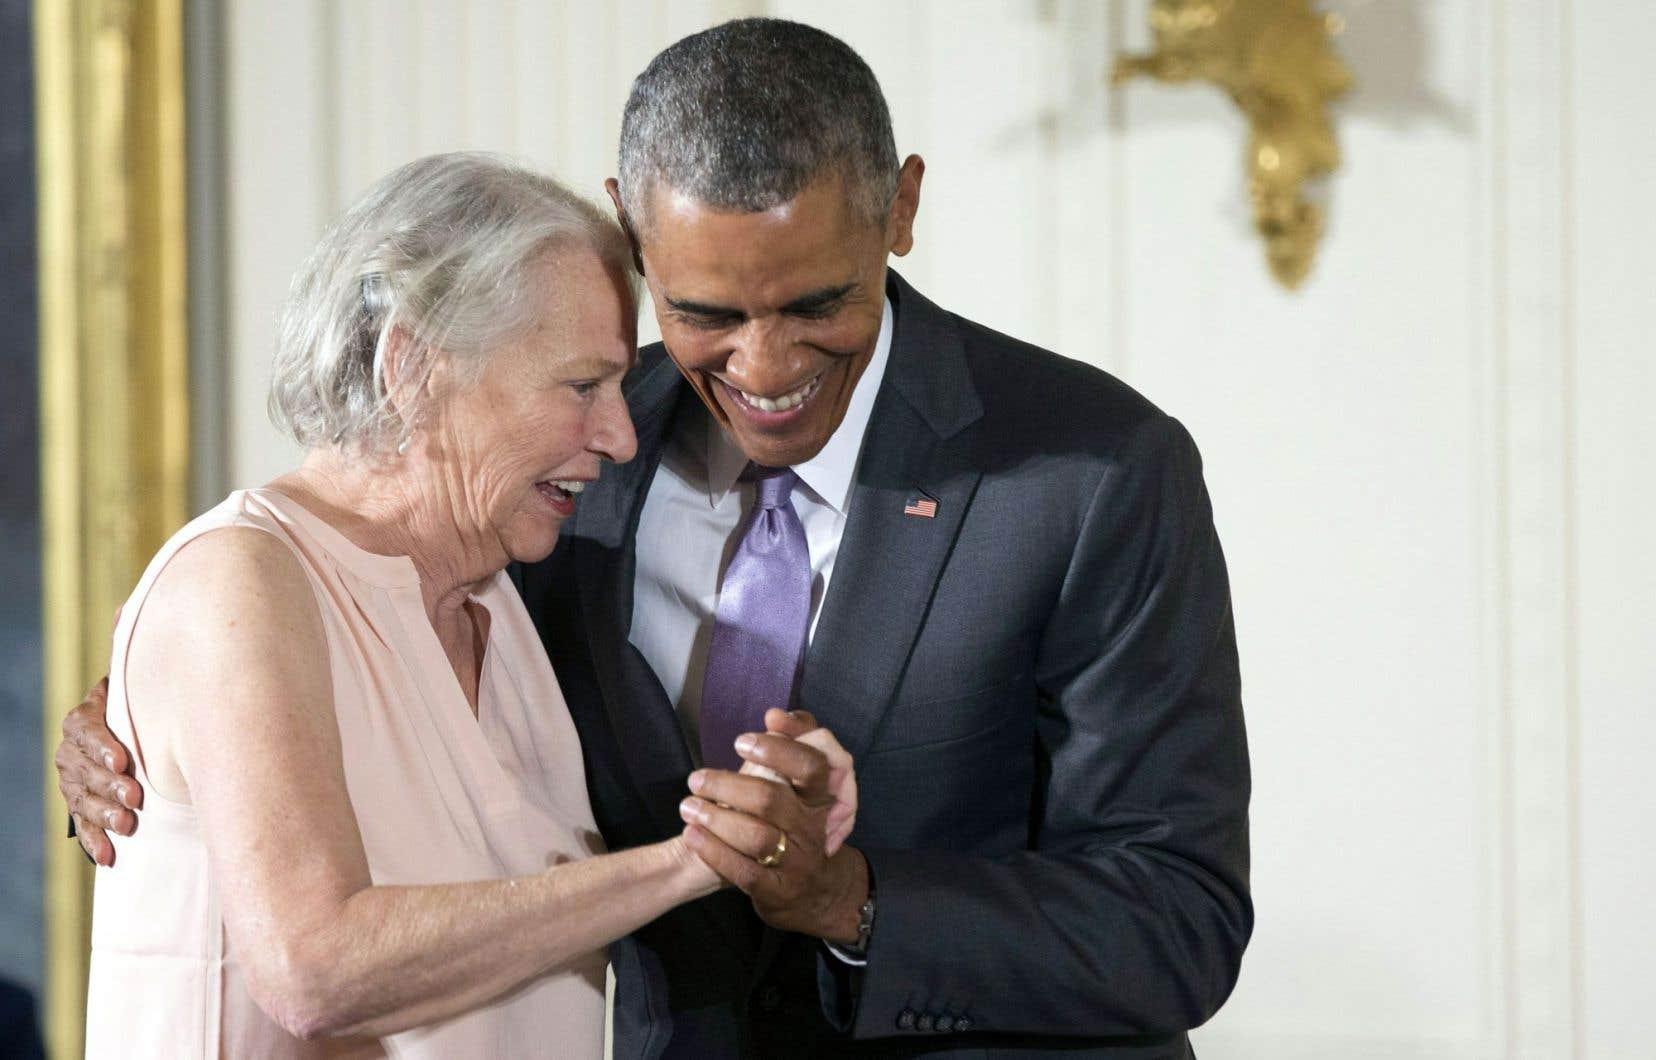 La romancière Annie Dillard a reçu des mains du président Barack Obama la médaille nationale des Lettres (National Humanities) en septembre 2015.